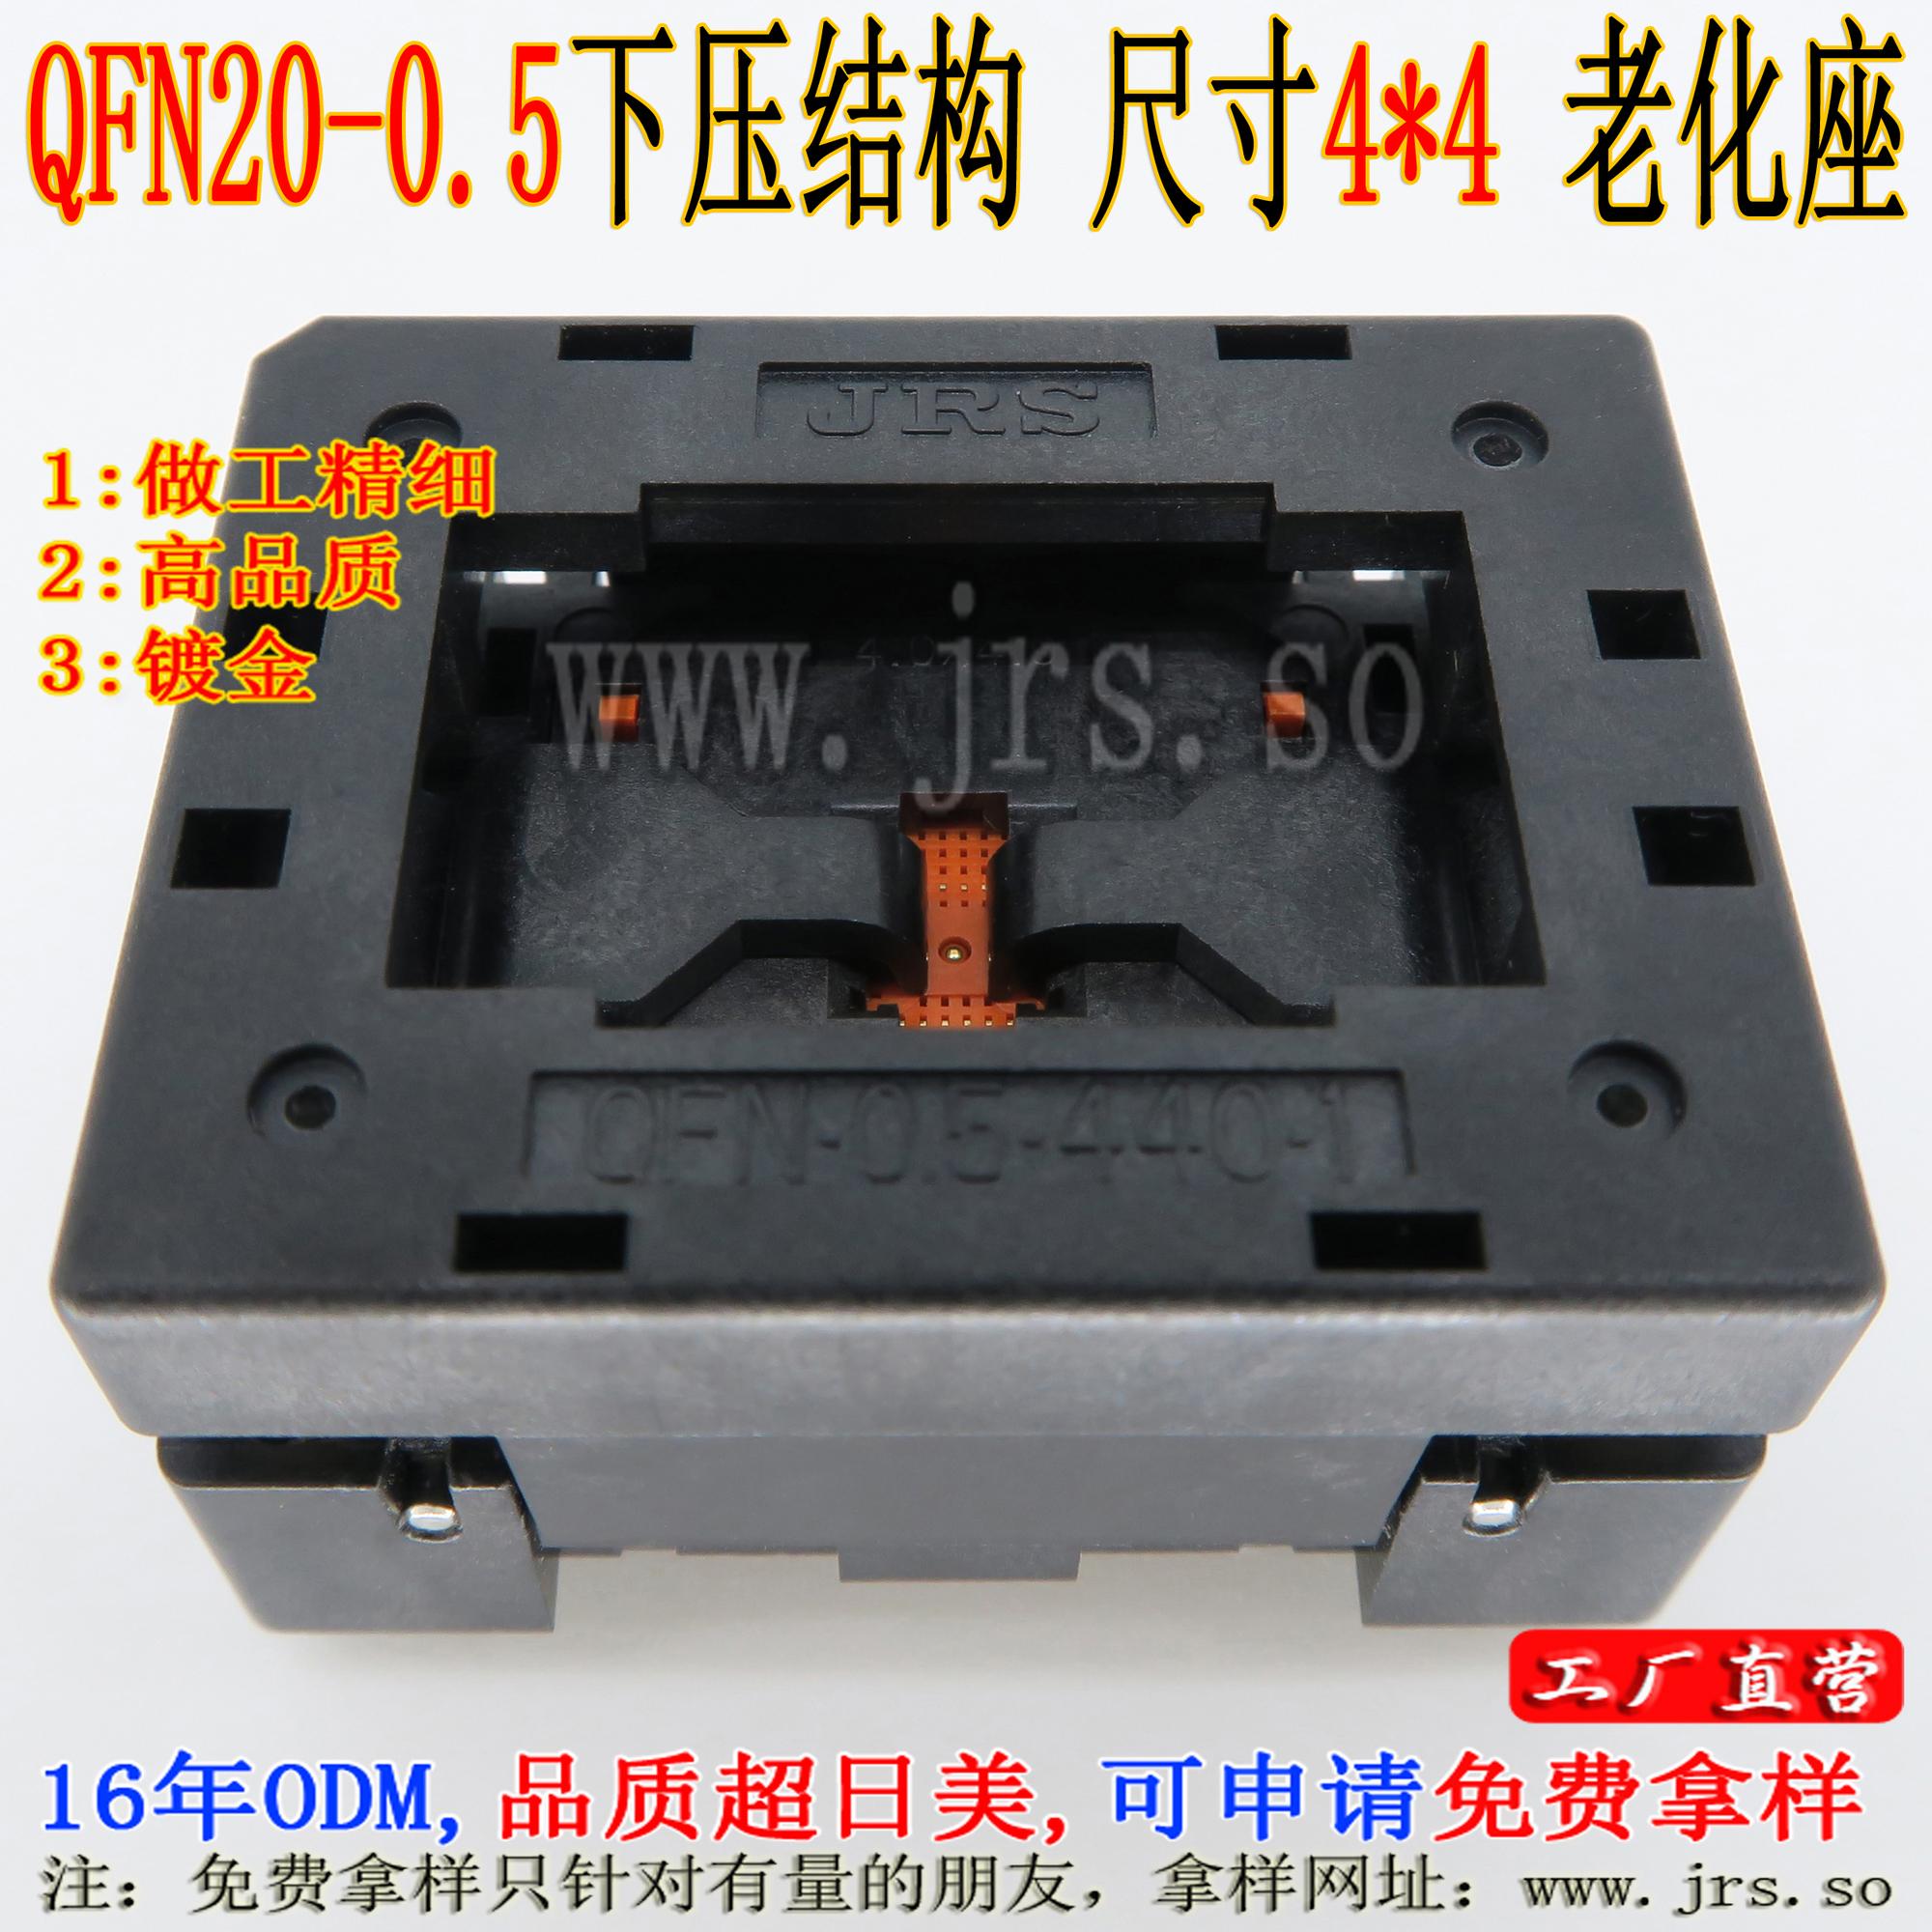 Sotto la pressione di prova in sede di QFN20-0.5 schegge di bruciare un invecchiamento Sede di dimensioni 4*4mm, Pin a distanza di 0,5 mm